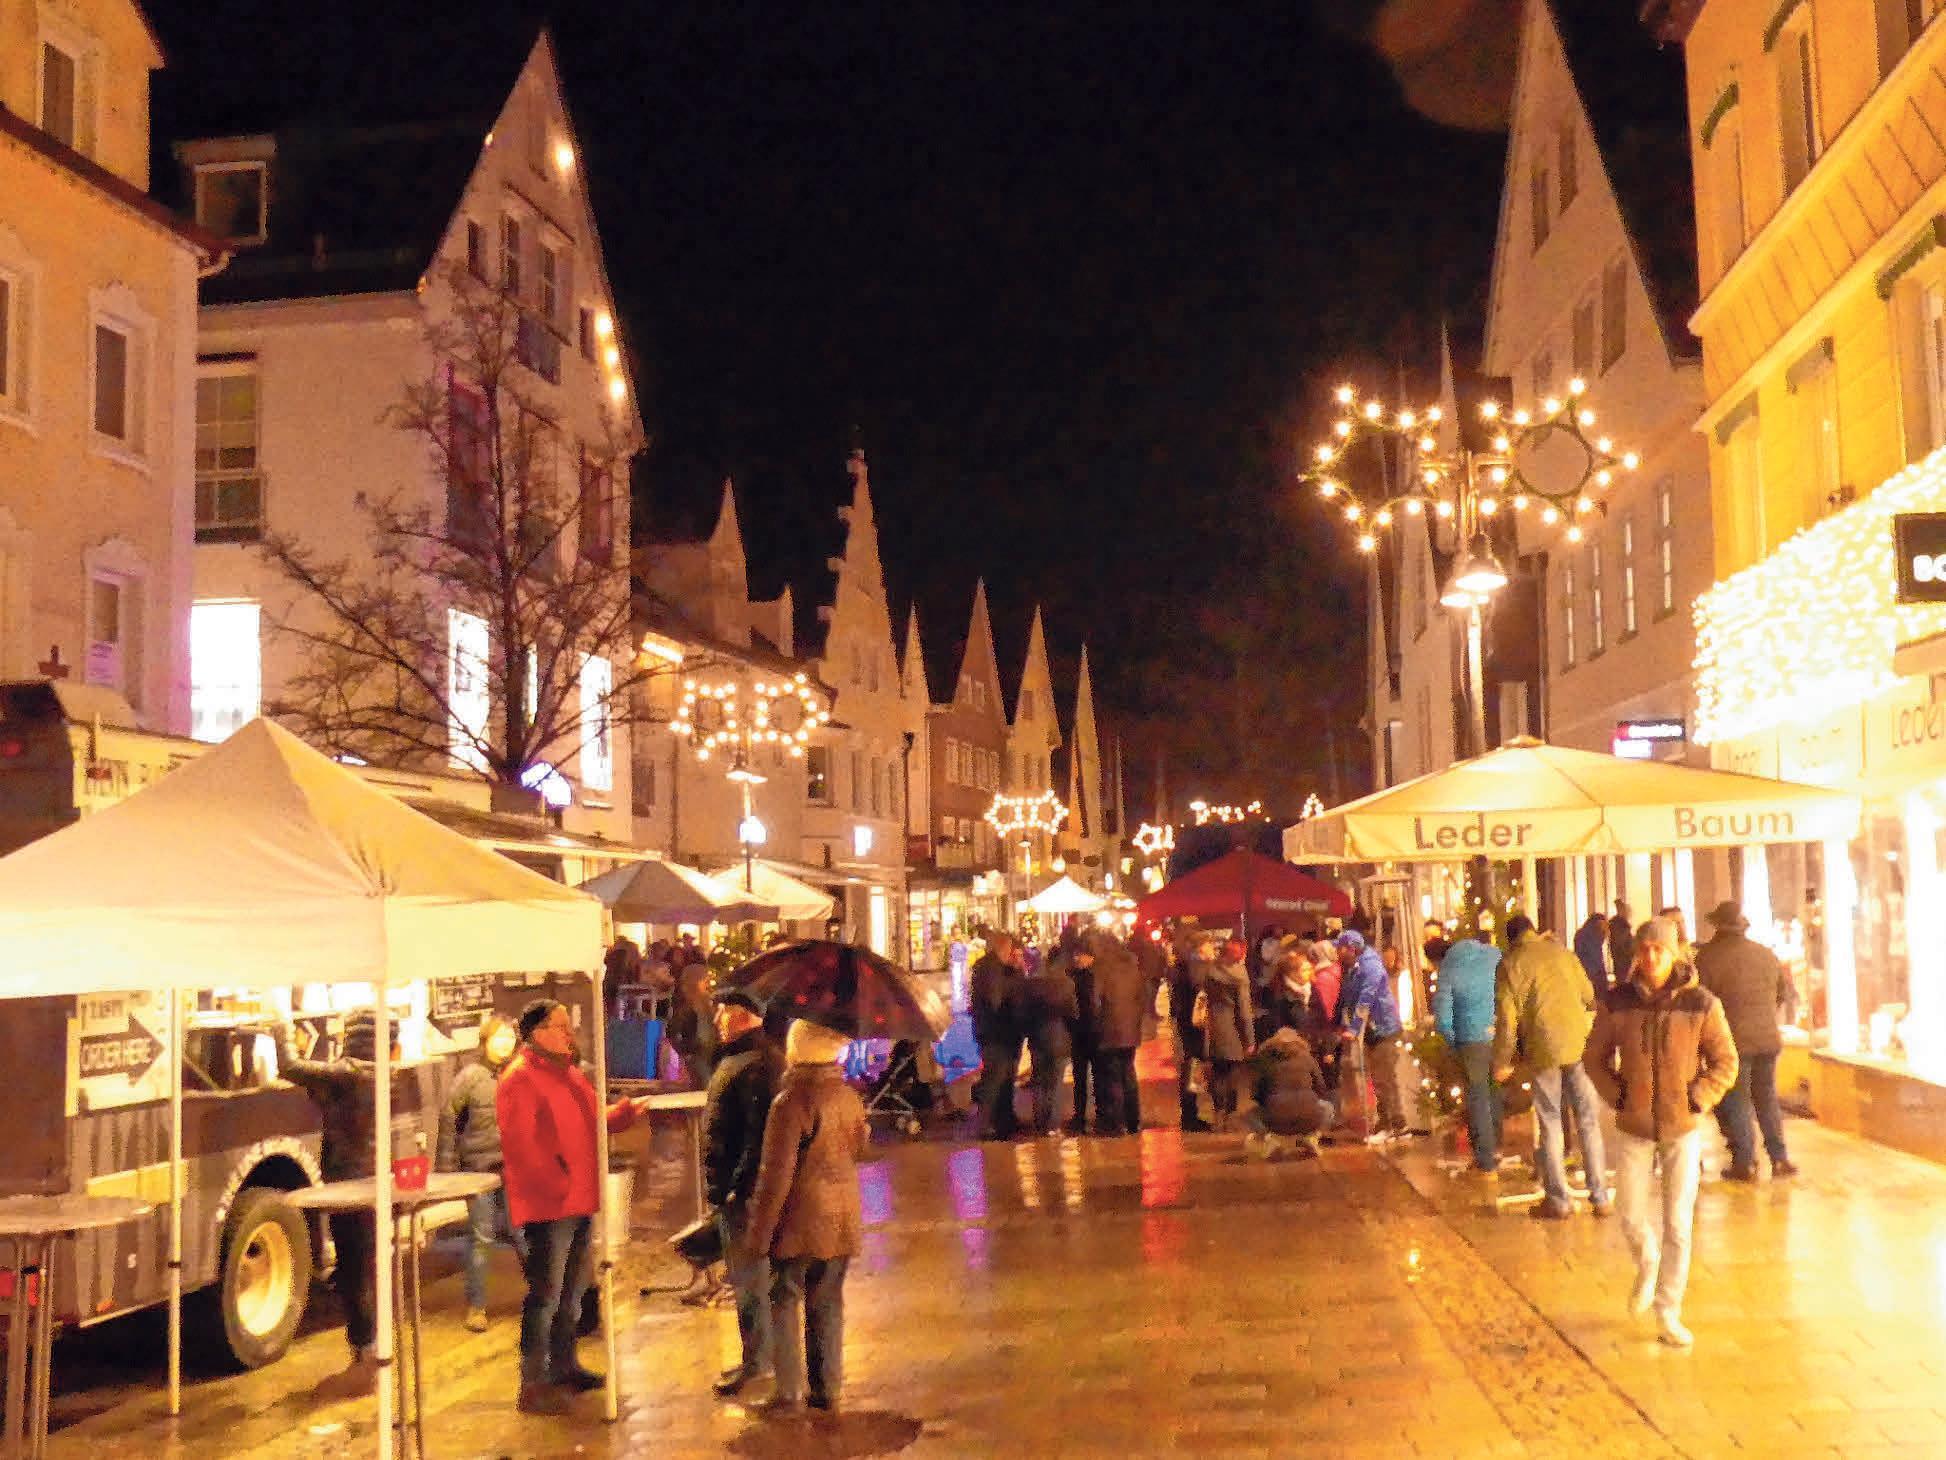 Zum langen Einkaufsabend wird die Ehinger Innenstadt wieder stimmungsvoll beleuchtet sein. FOTO: BURGHART